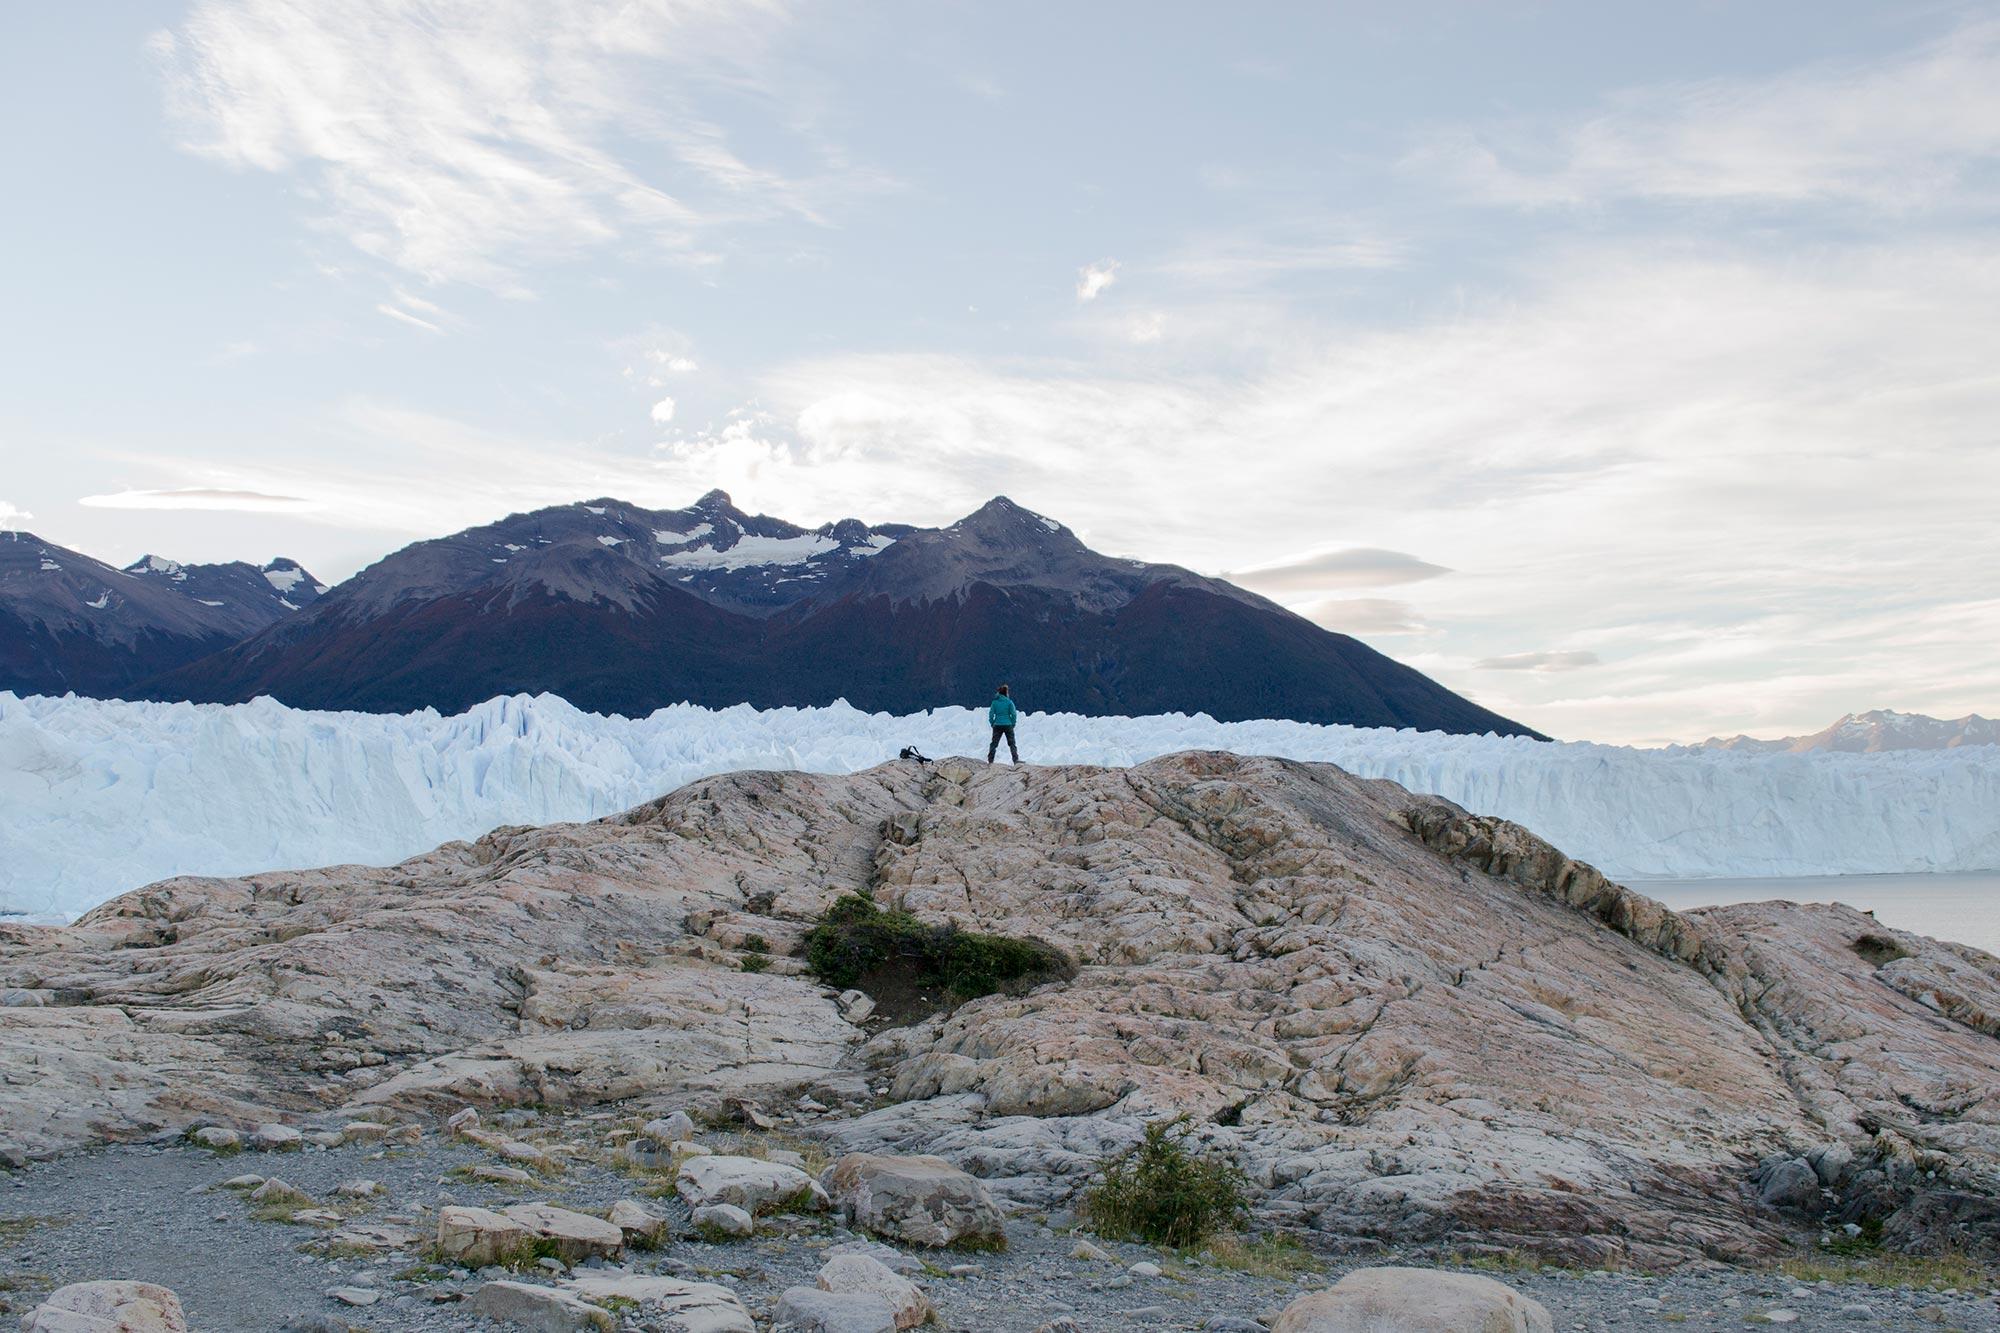 Argentina patagonia Calafate Perito Moreno explorer